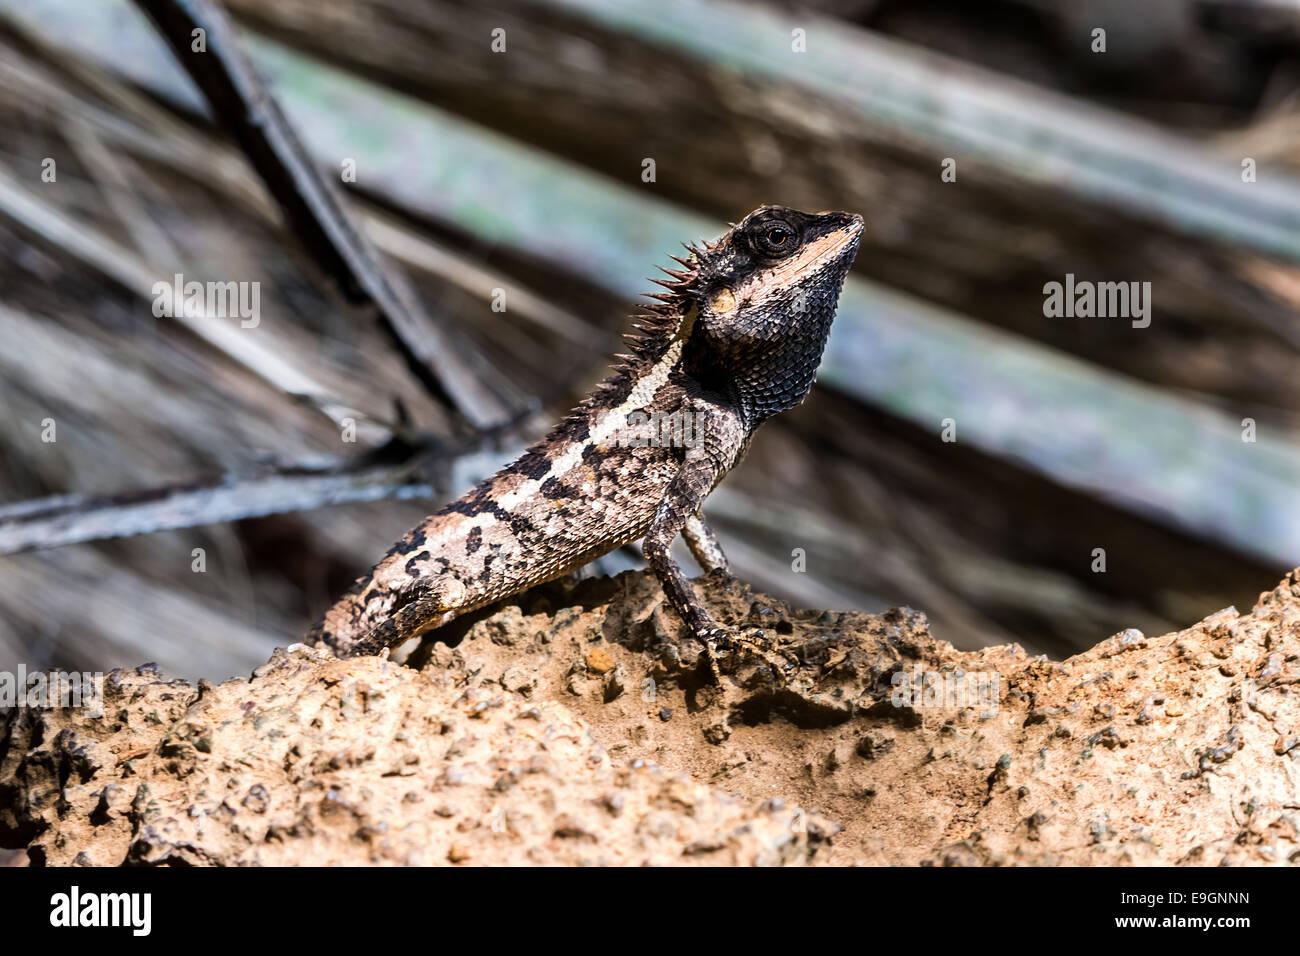 Lagarto, reptil sentado sobre una roca en Tailandia. Imagen De Stock